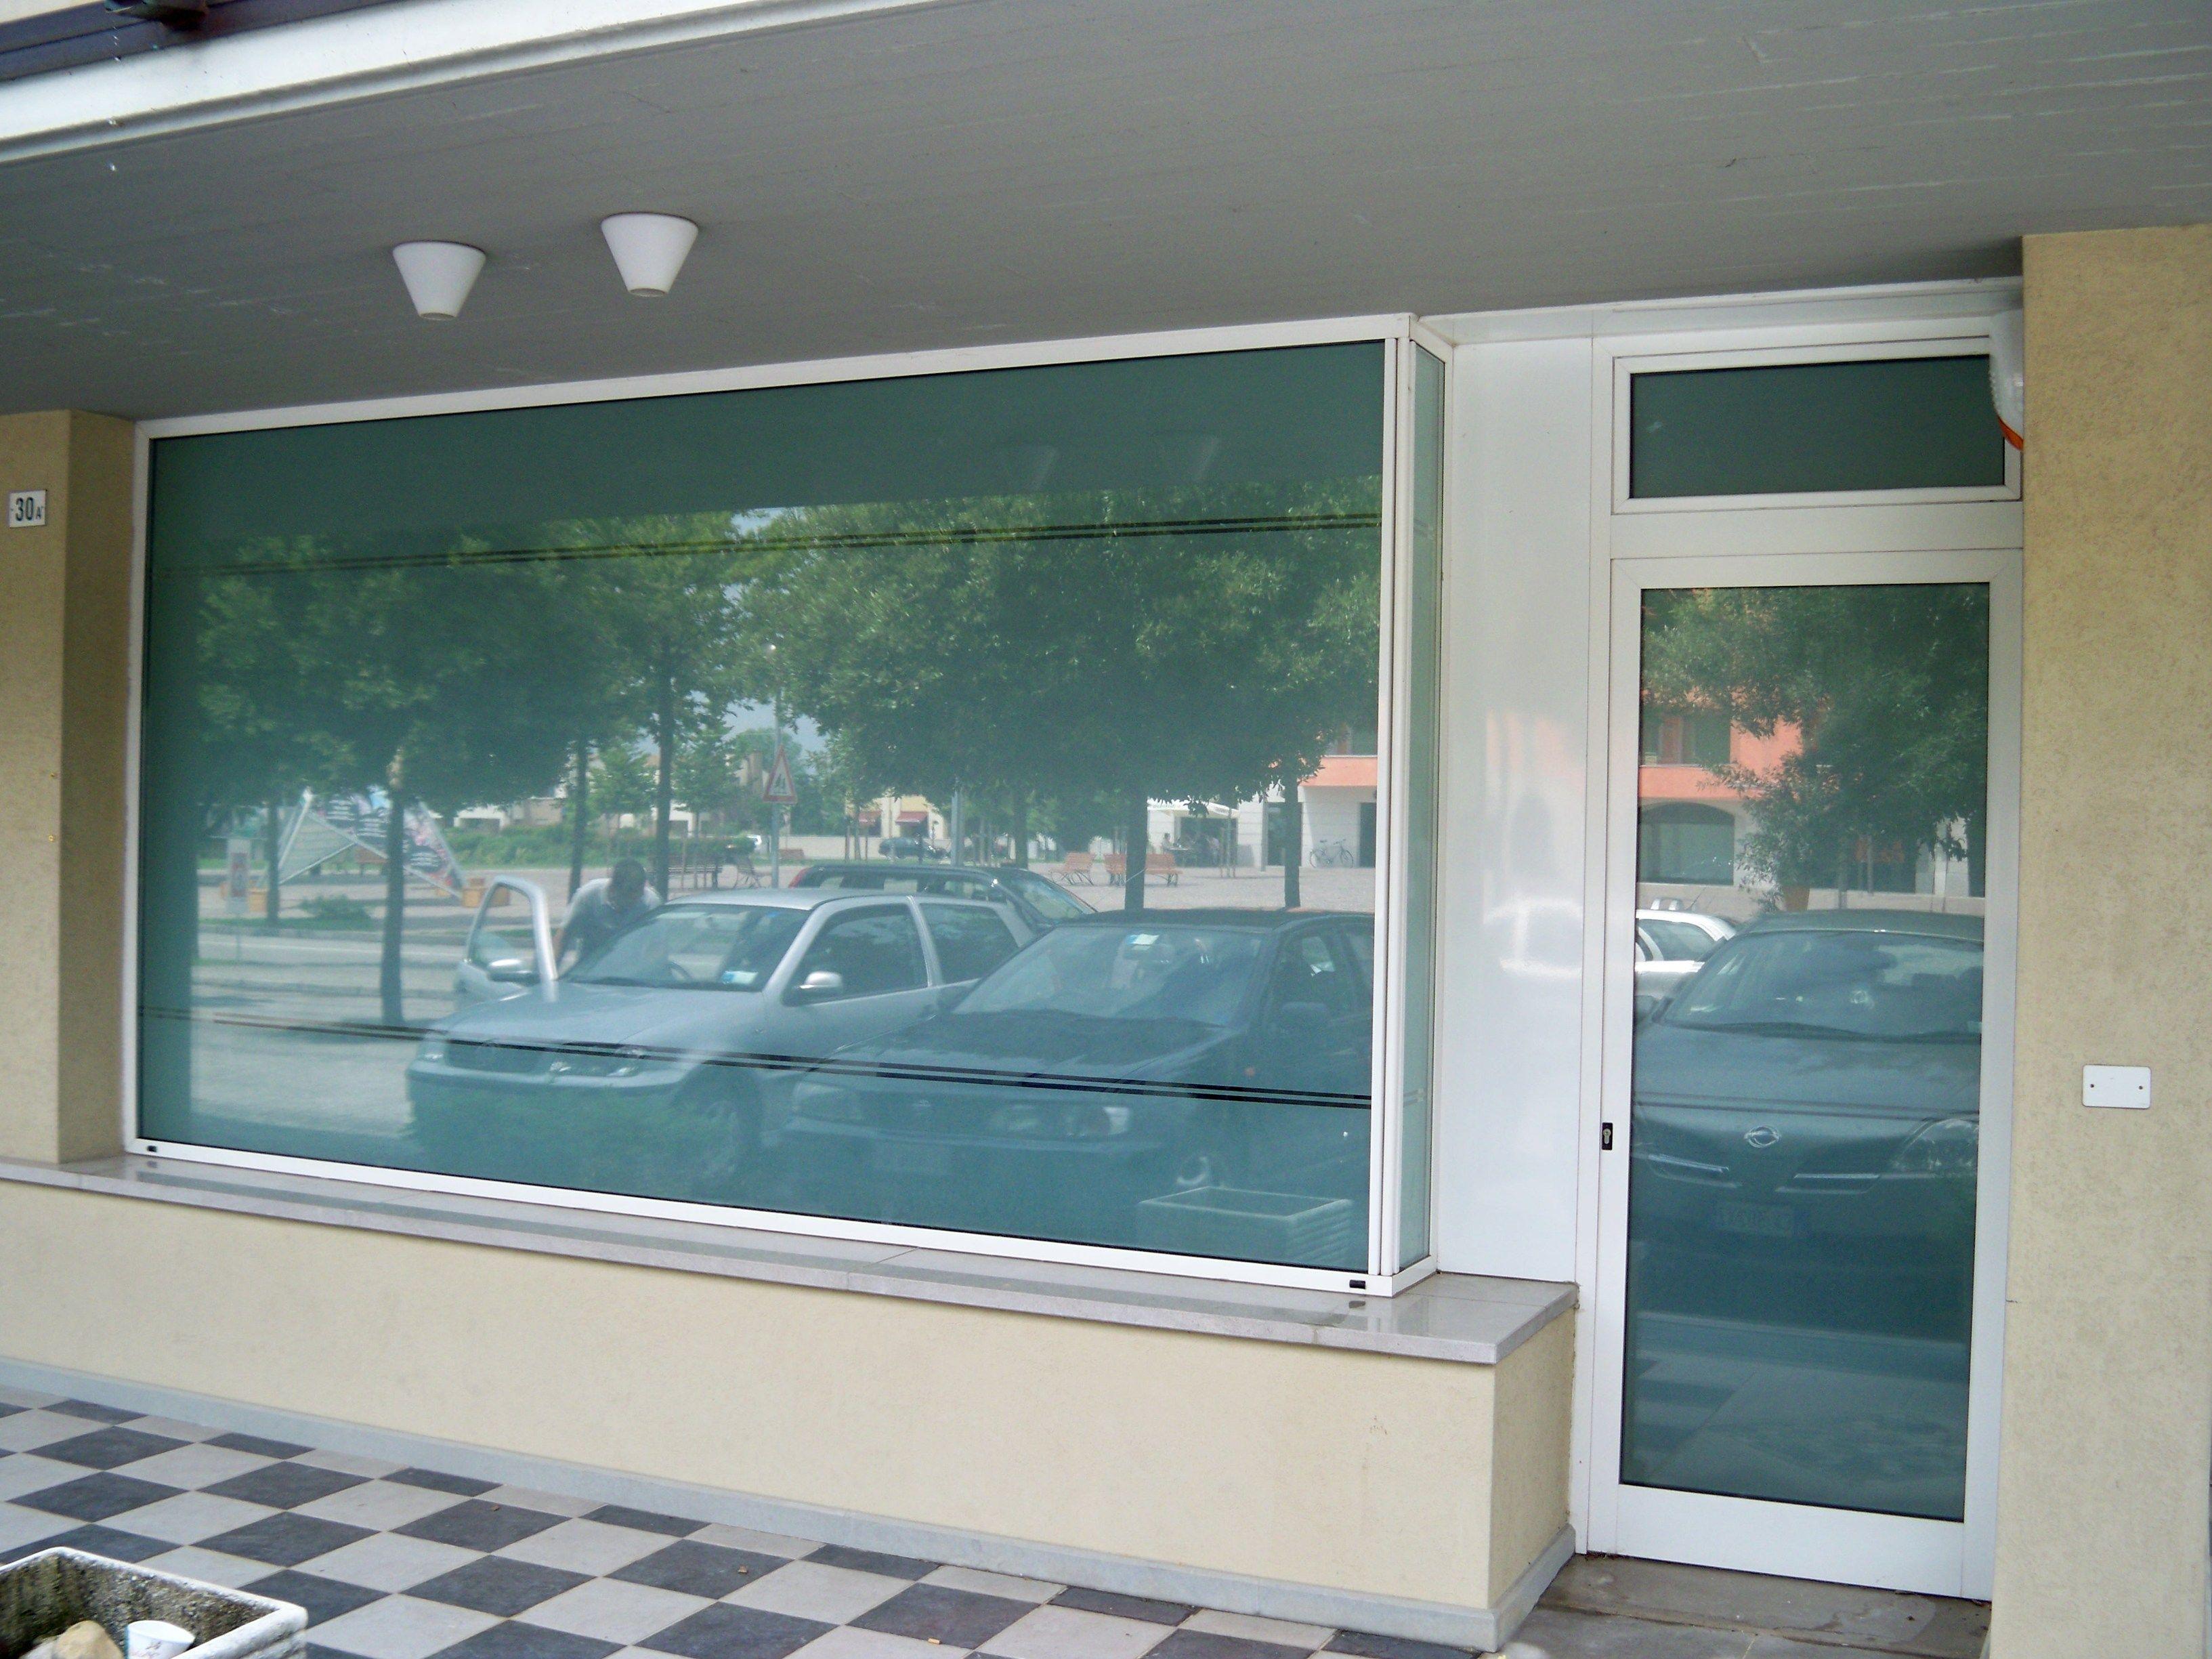 Pellicola per vetri decorativa pellicole traslucide opache - Pellicole adesive per vetri esterni ...